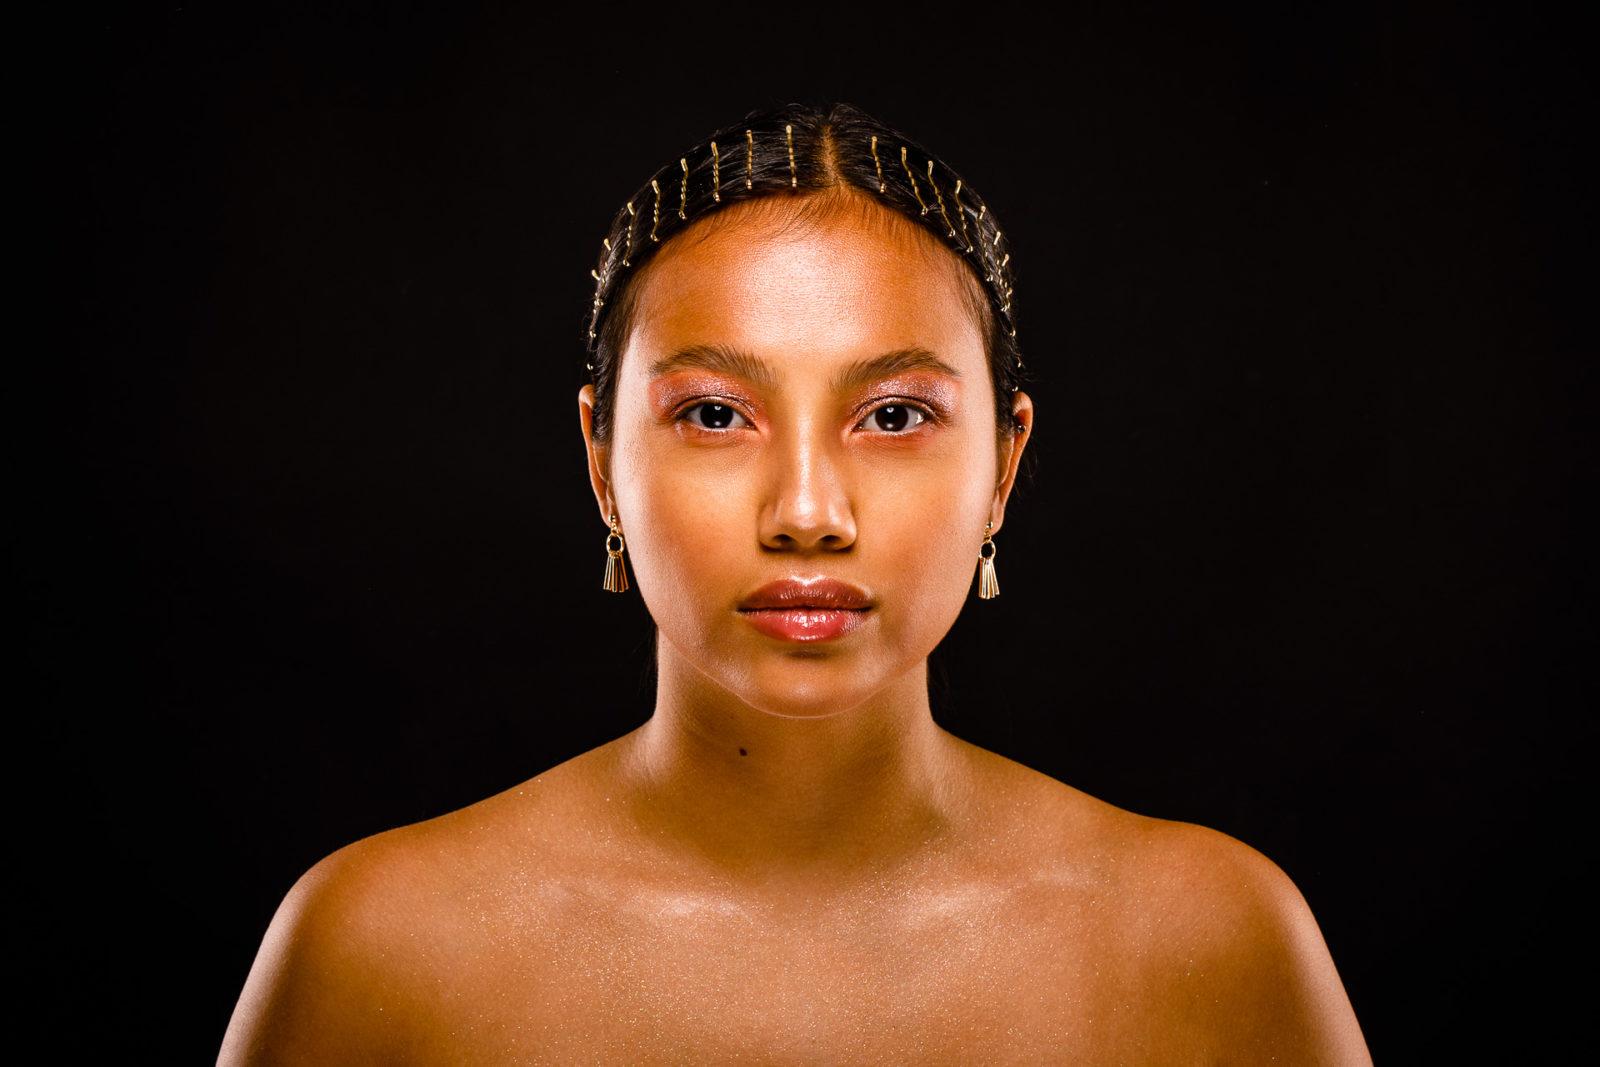 Fotoshooting Make-up 9